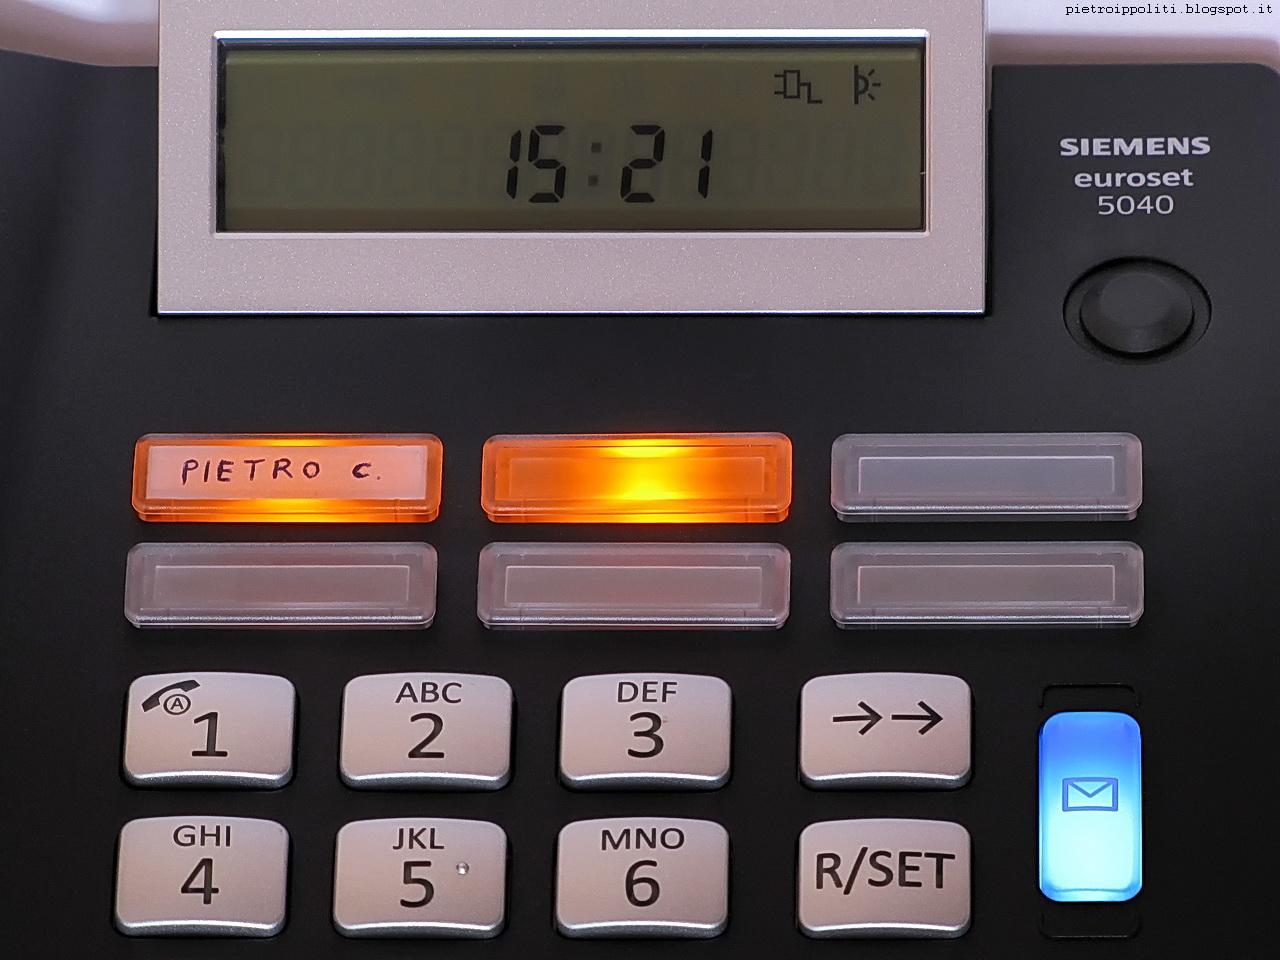 Gigaset Euroset 5040, chiamate perse